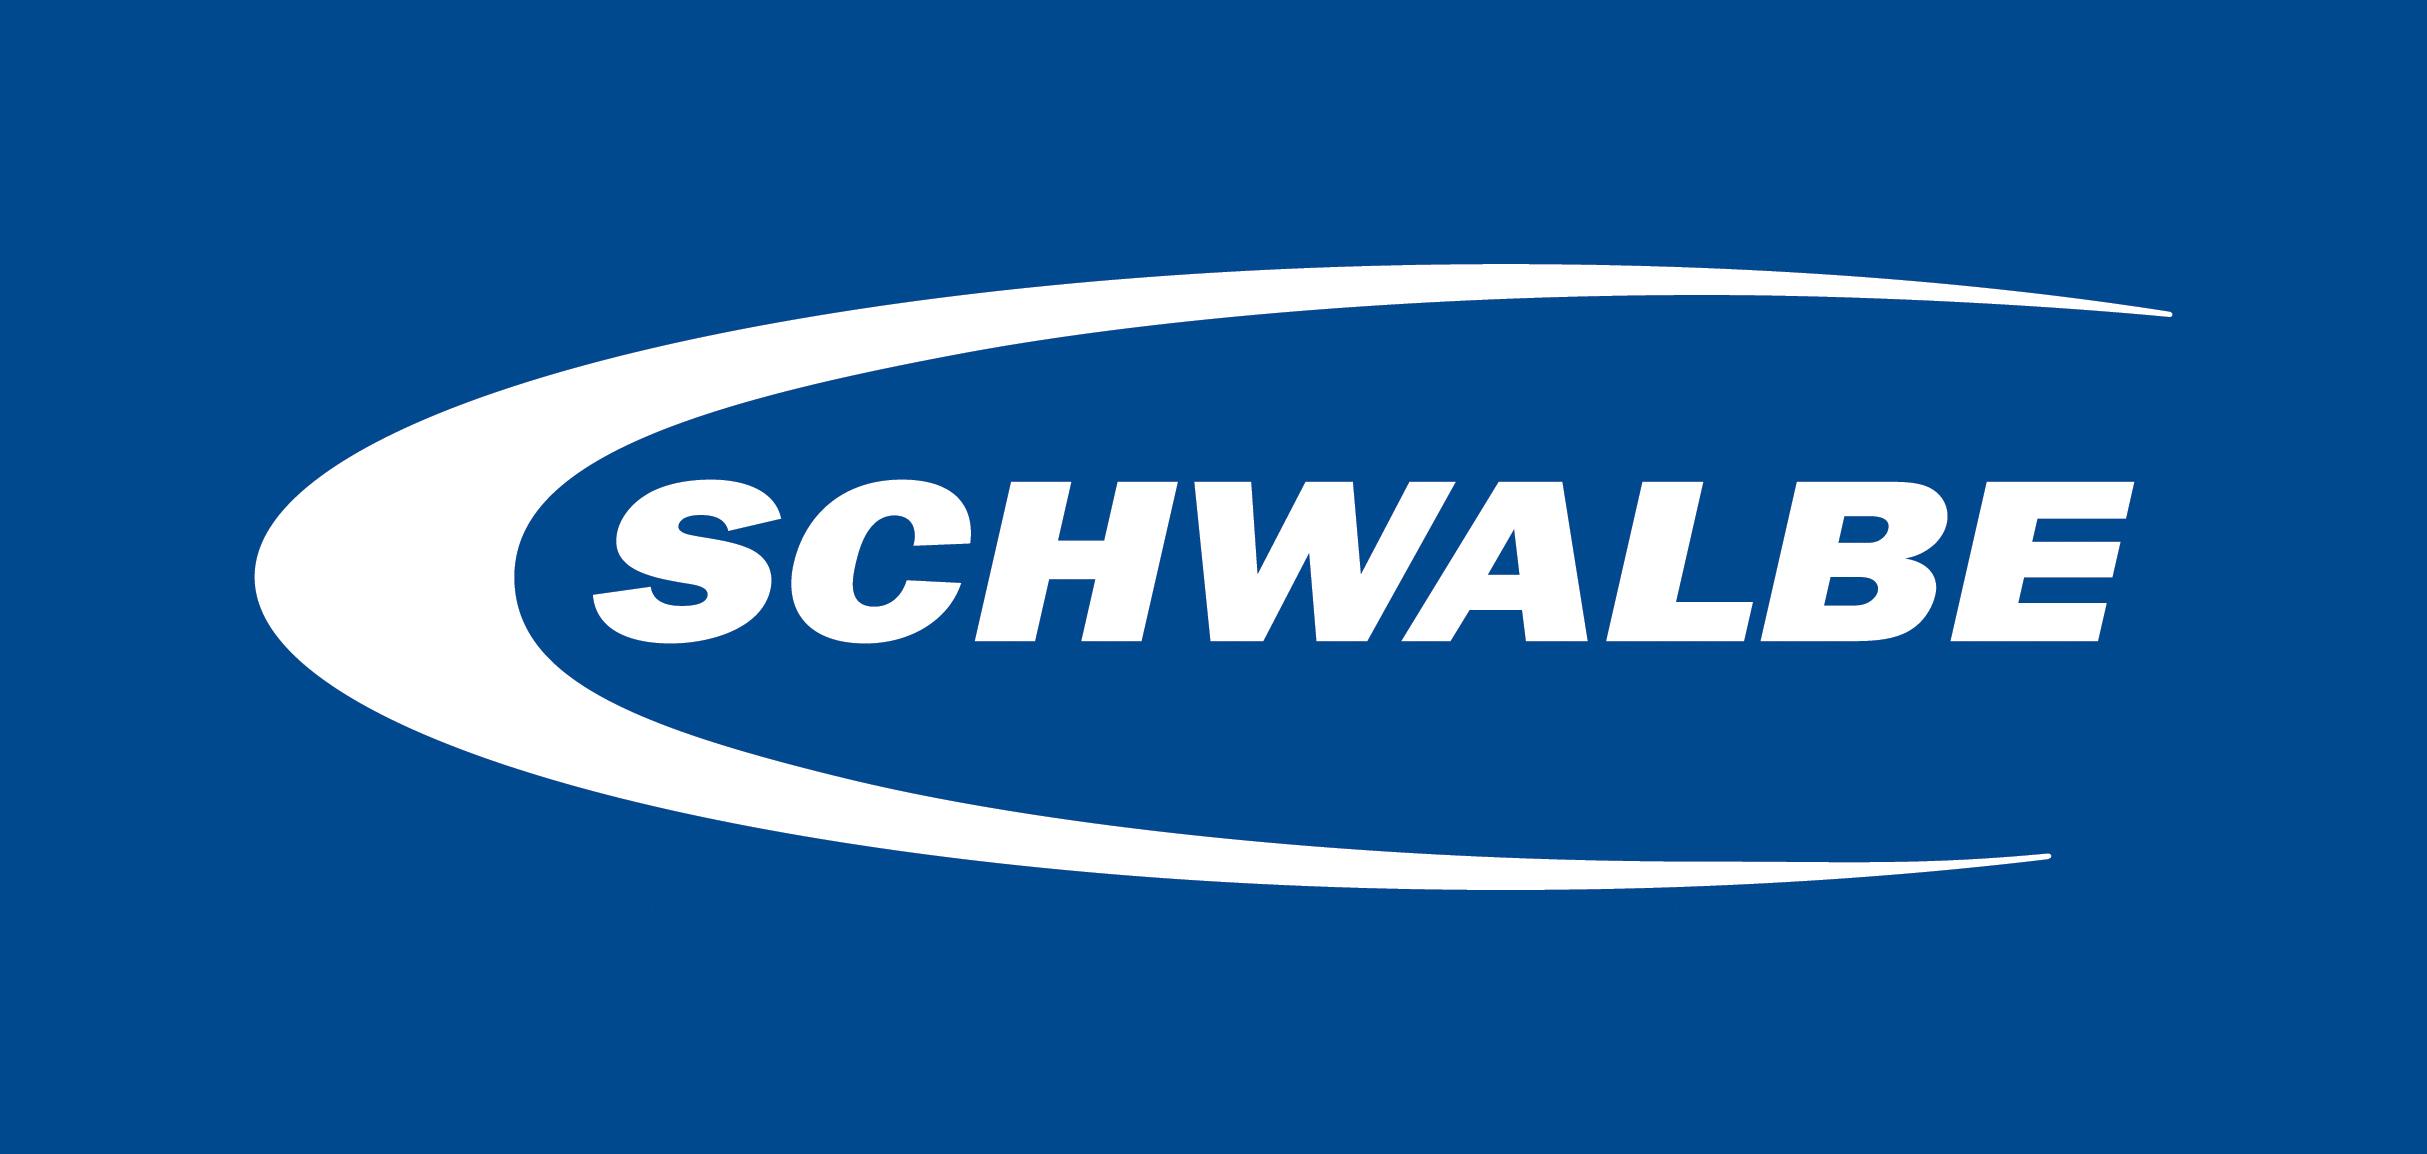 Produkt der Marke SCHWALBE